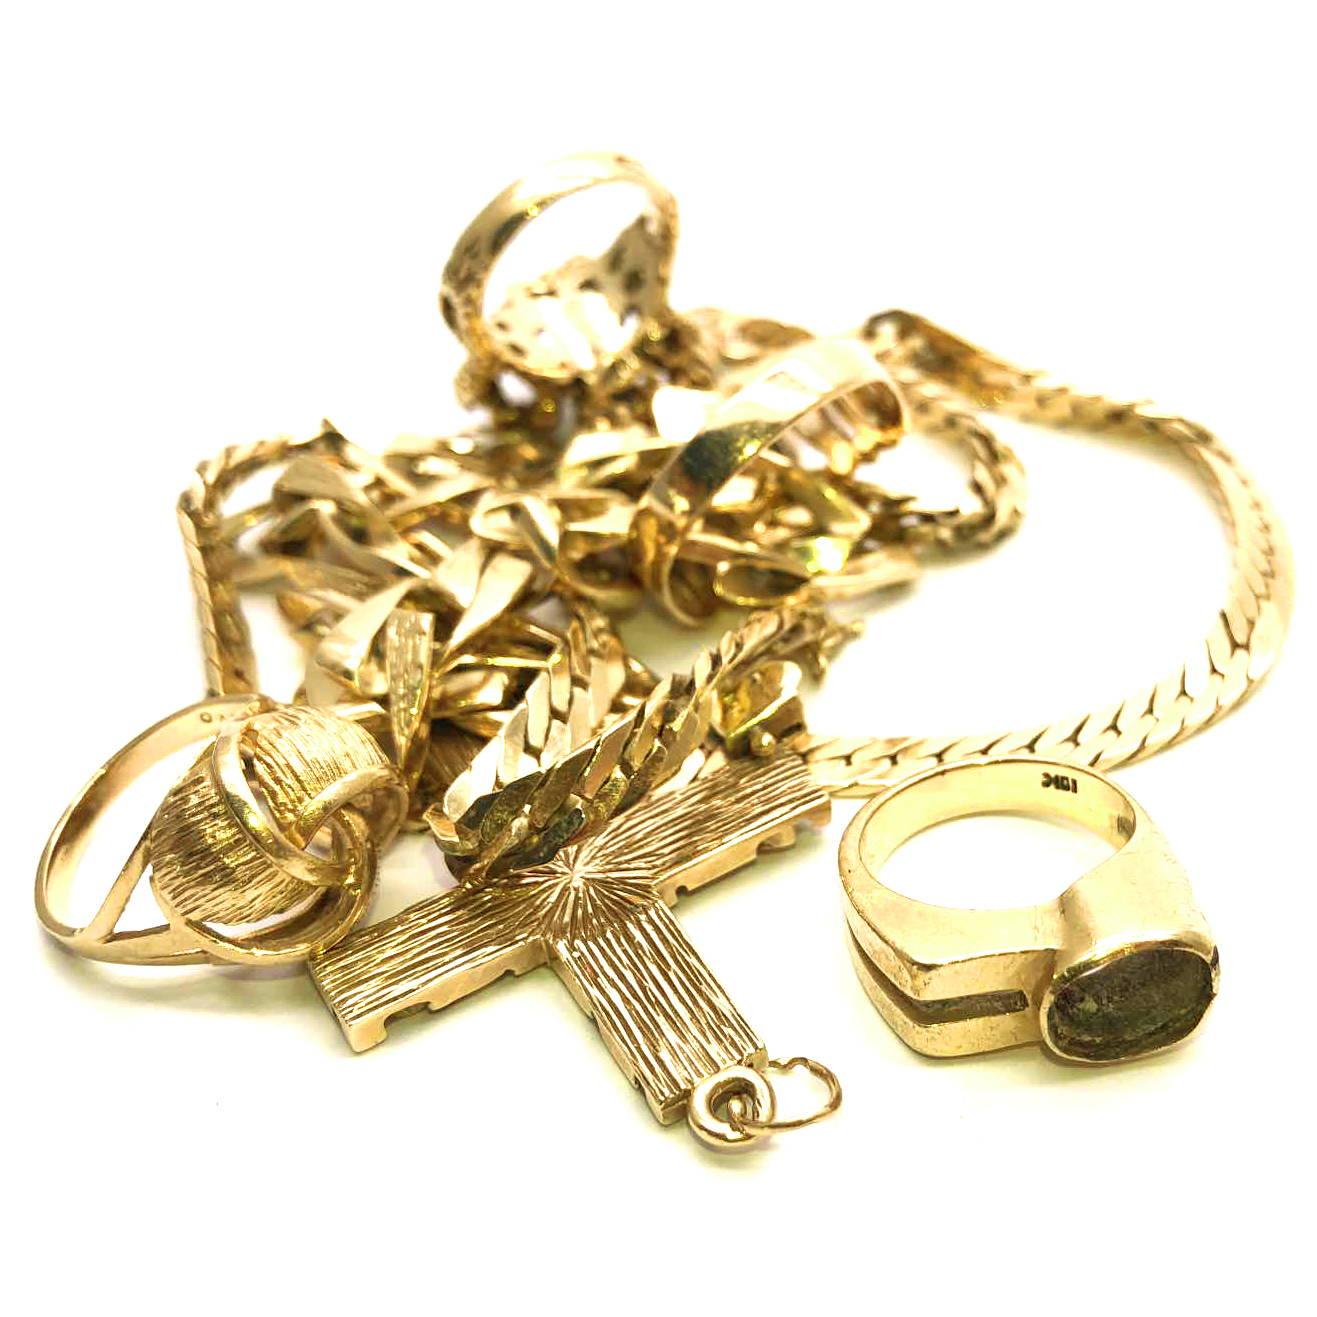 Tas de bijoux en or à recycler